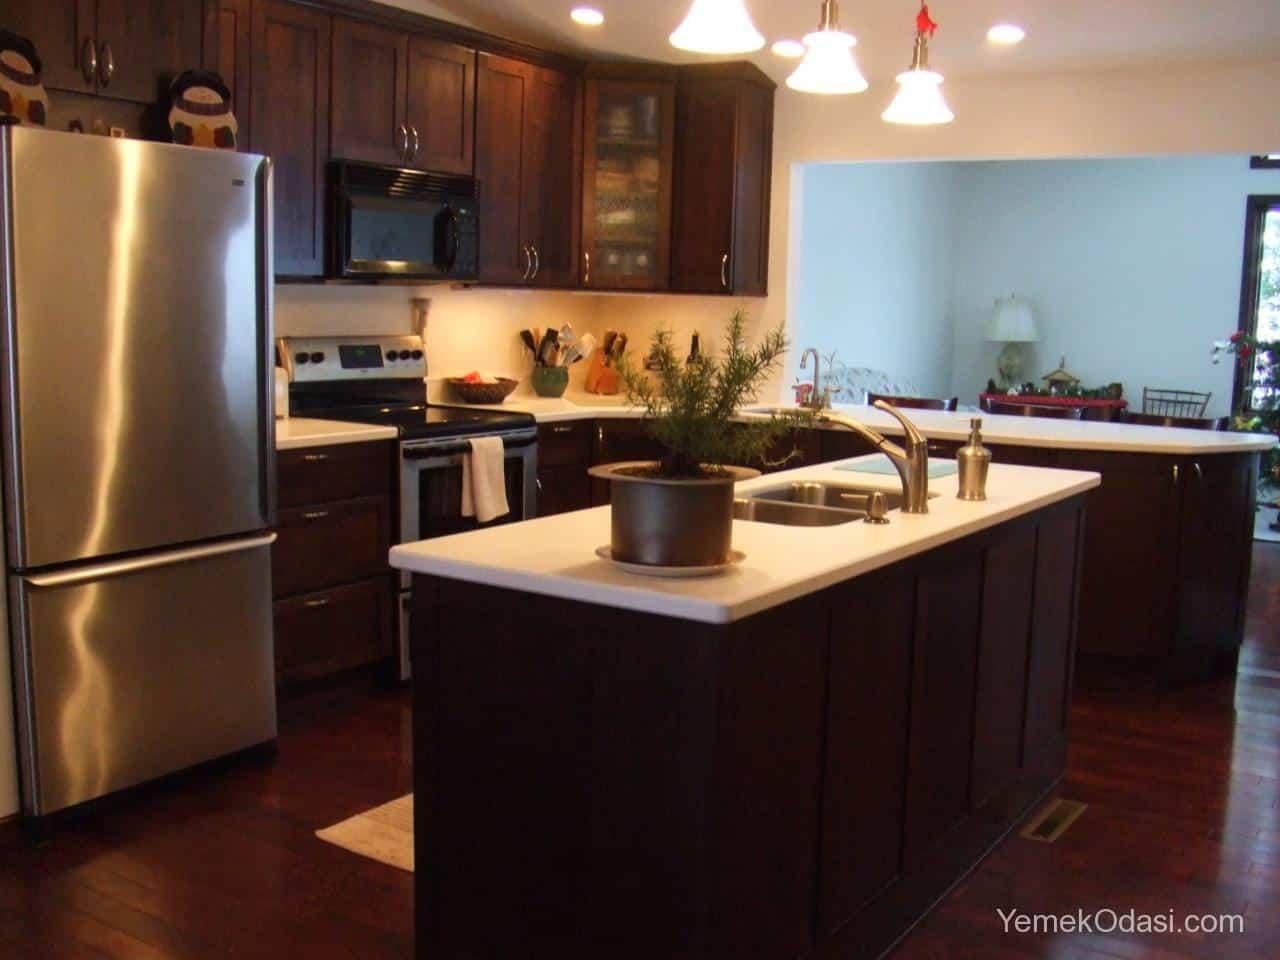 Amerikan Mutfak Dekorasyonları İle Mutfaklarınız Dudak Uçuklatacak 11